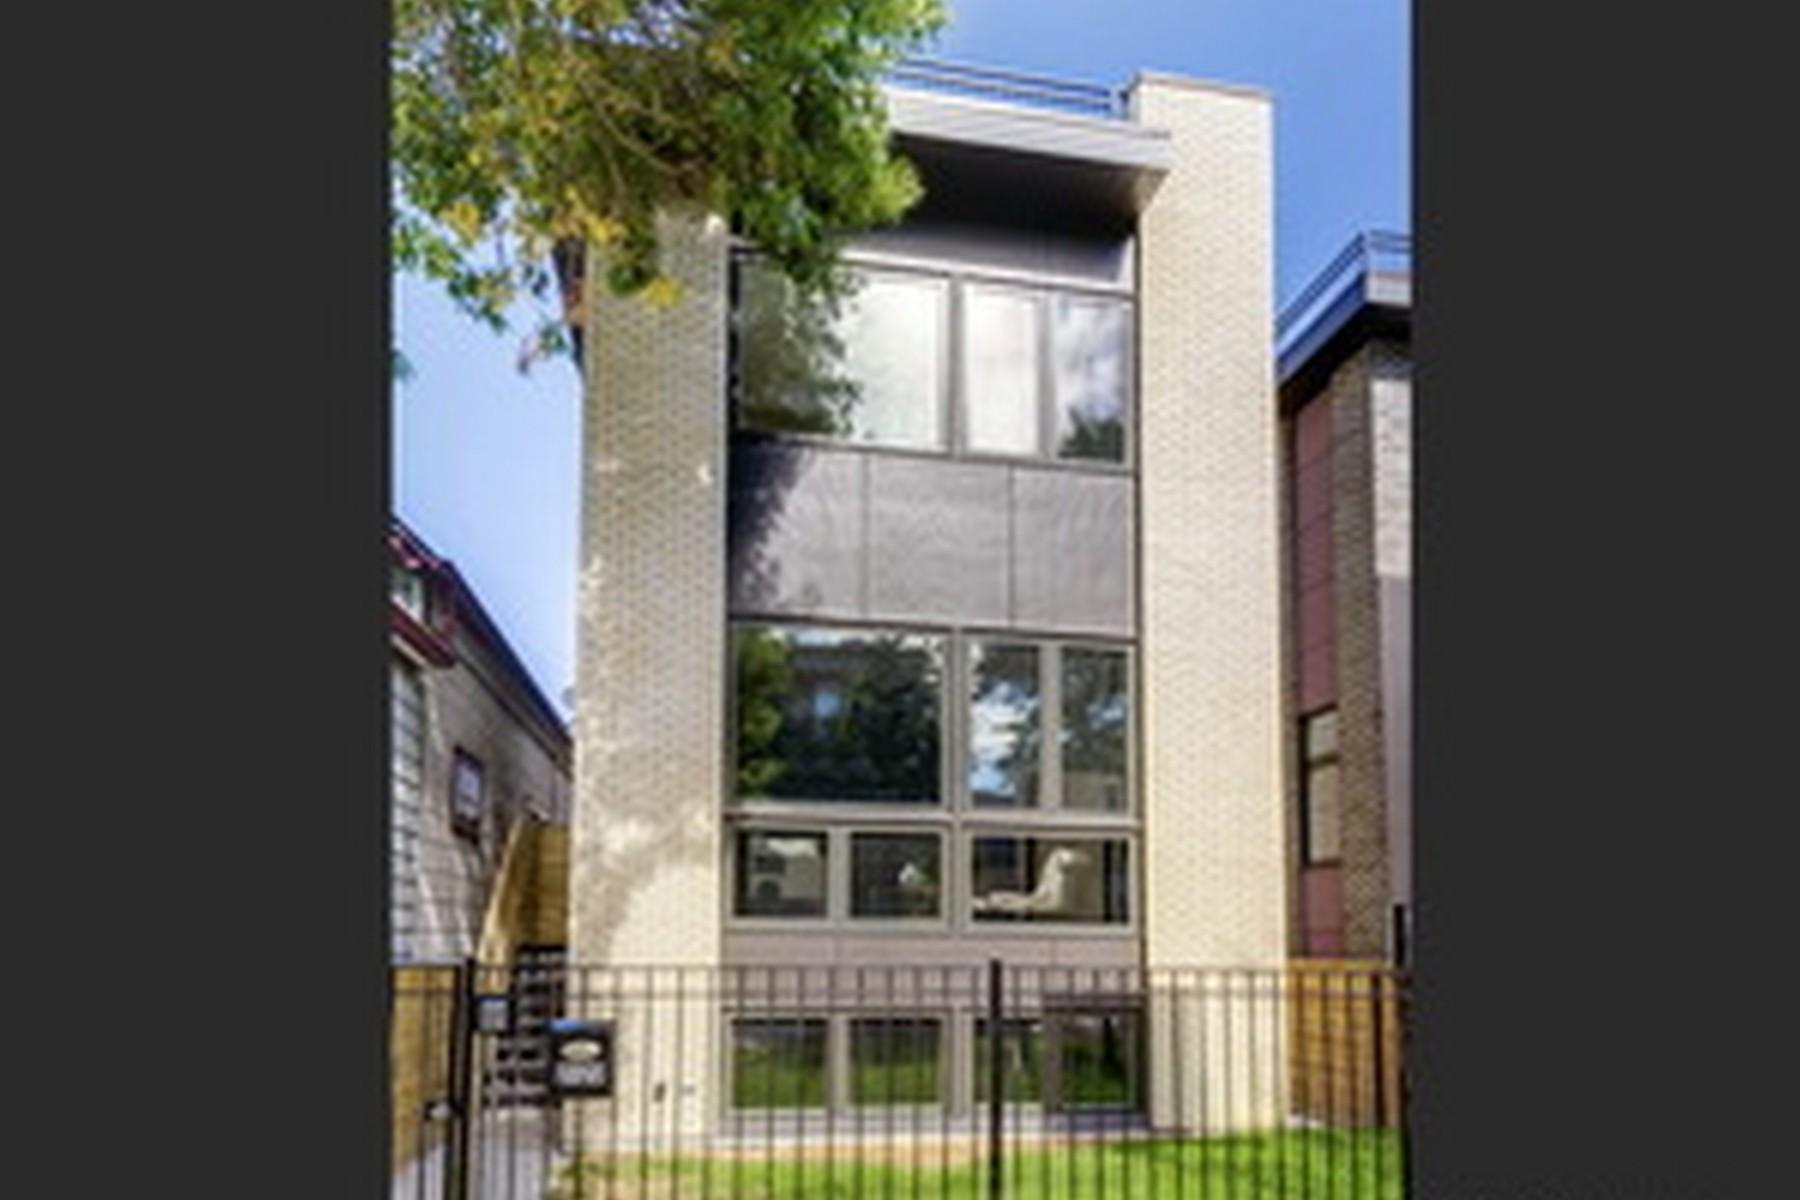 Maison unifamiliale pour l Vente à Logan Square New Construction 2119 Point Street Logan Square, Chicago, Illinois, 60647 États-Unis